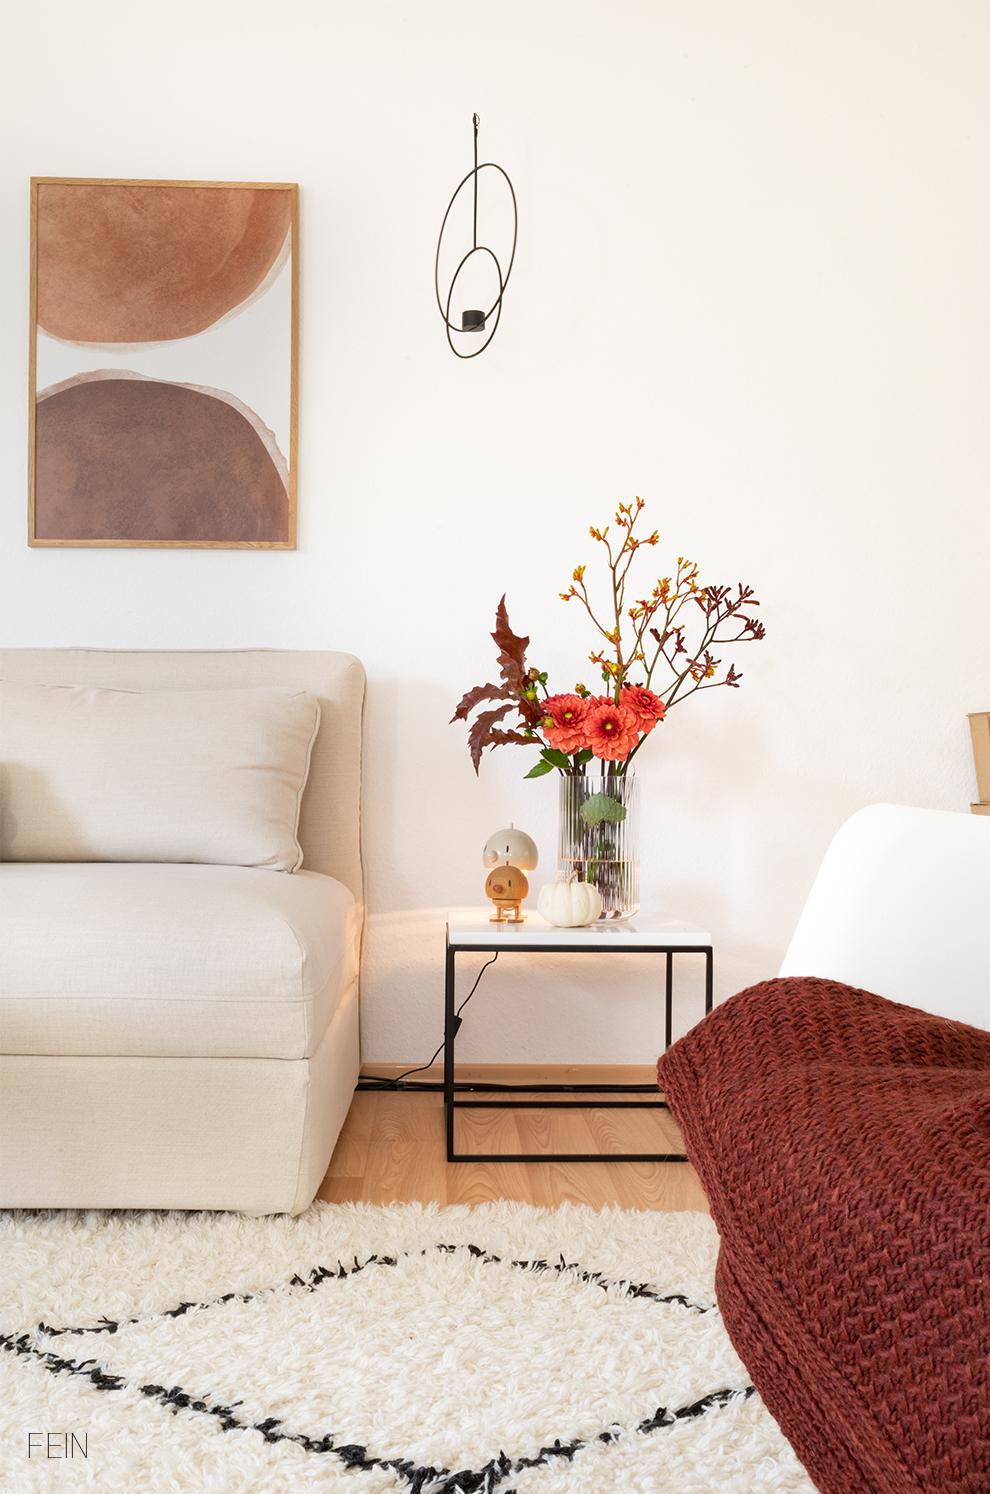 Herbst Wohnzimmer Deko